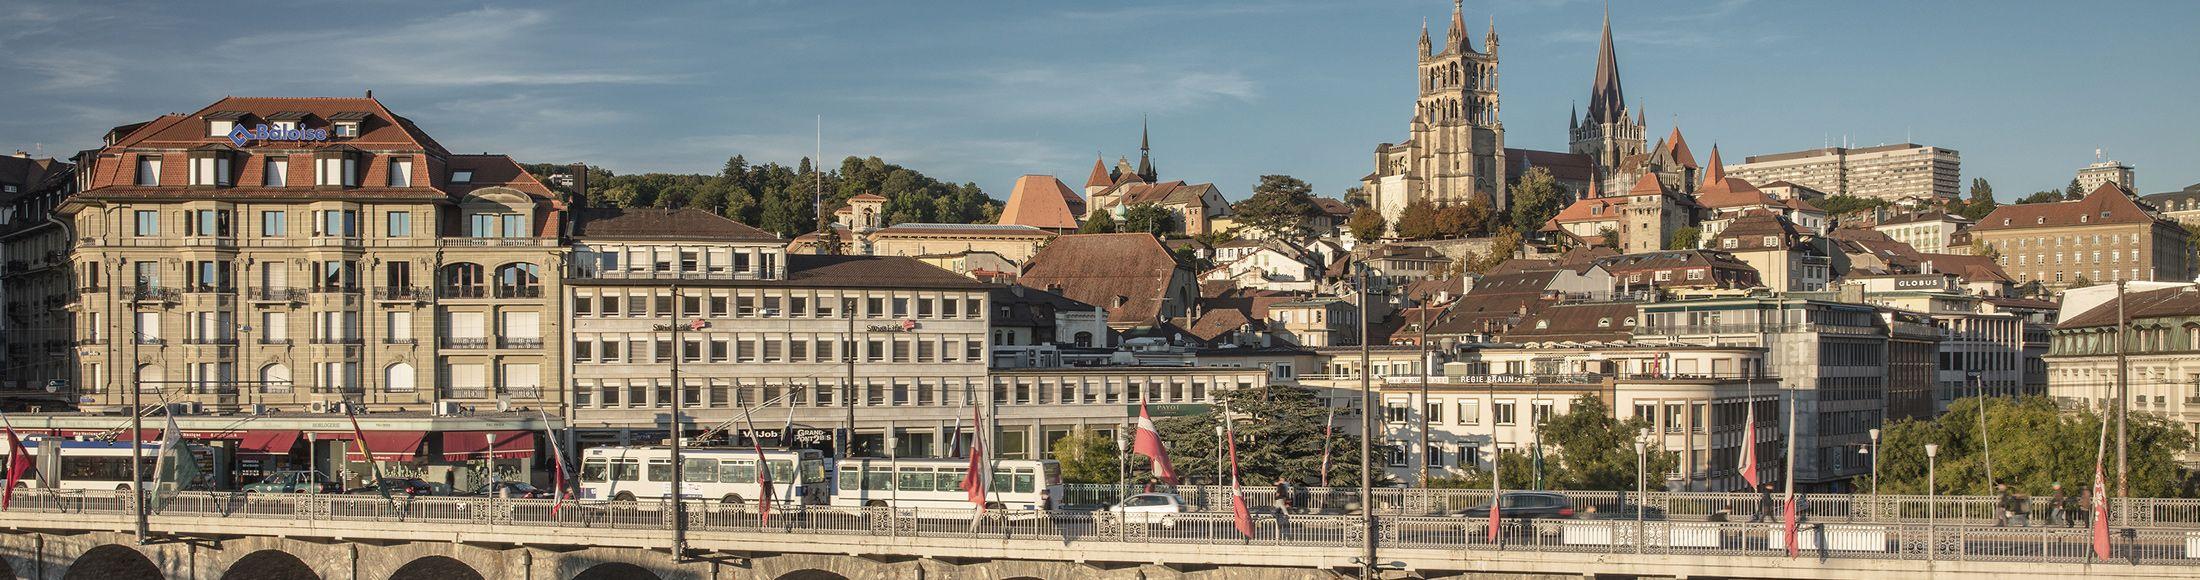 Une fiduciaire au coeur de lausanne, un rayonnement dans toute la suisse romande